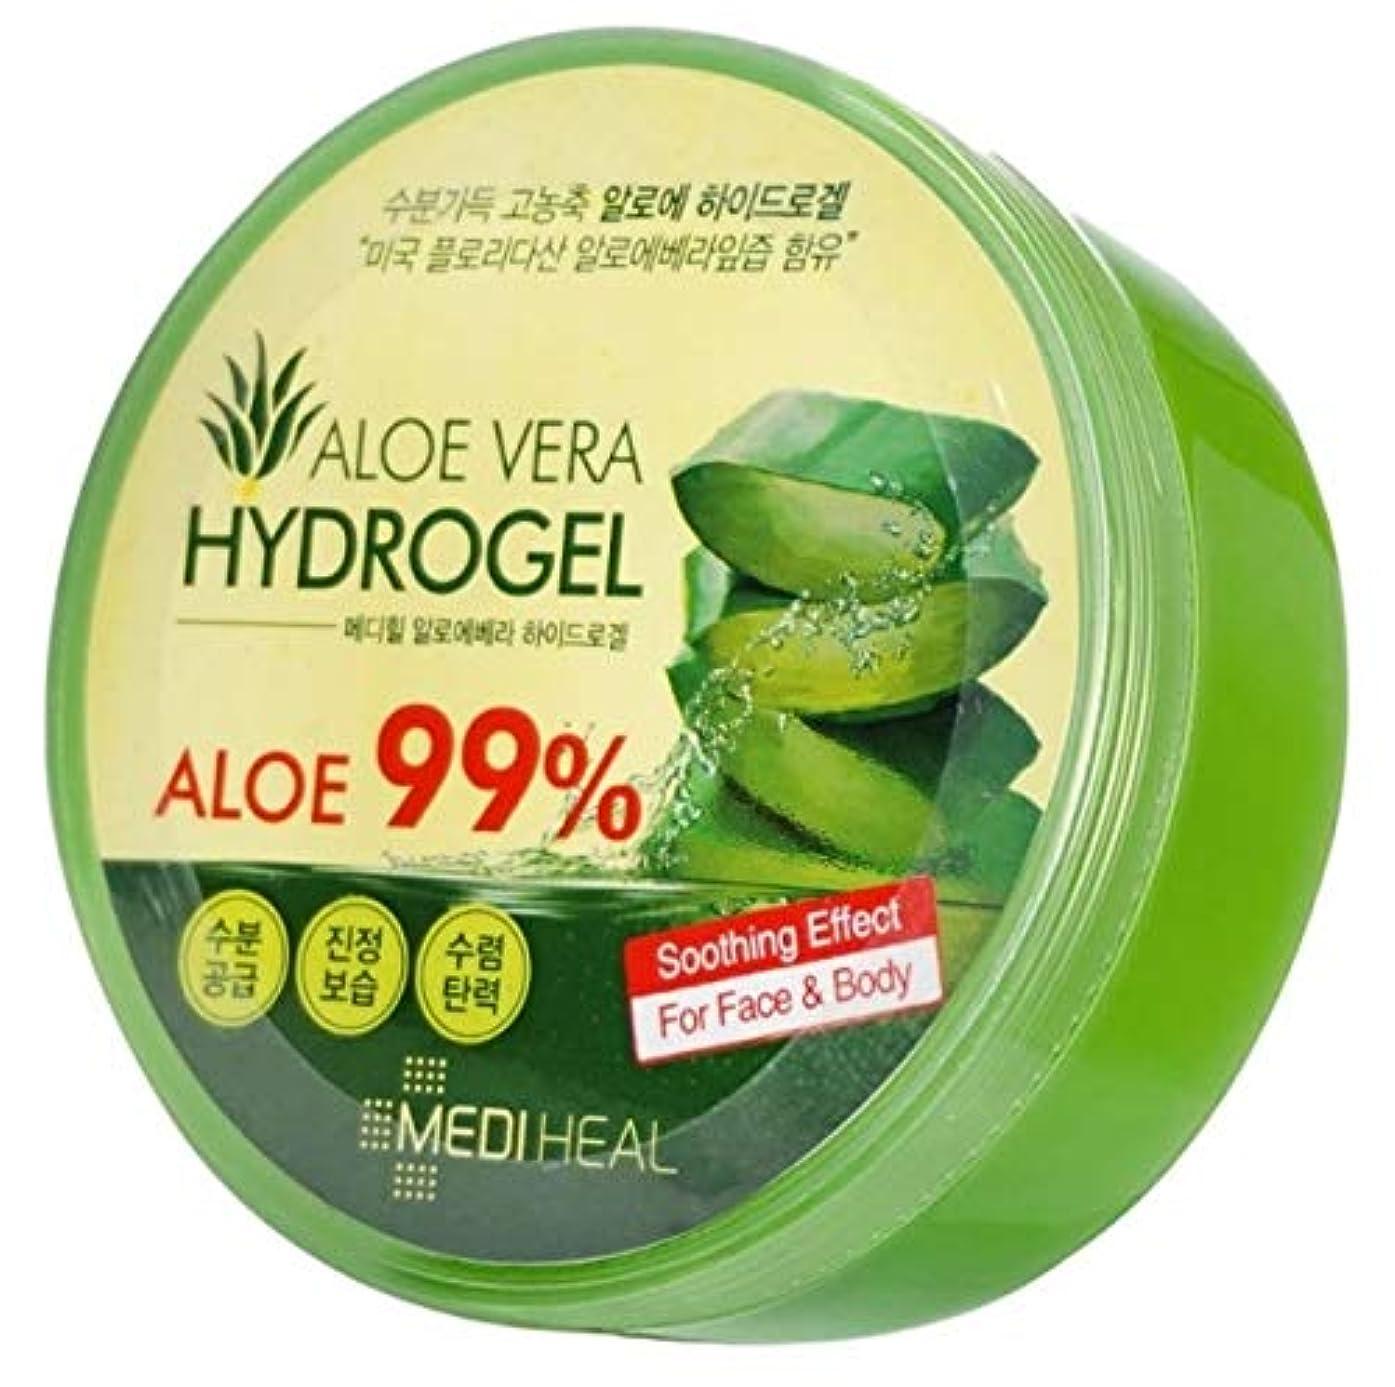 考古学忠実再生可能Mediheal メディヒール Skin Soothing なだめるような & Moisture 水分 99% Aloe アロエ Vera Hydro Gels ハイドロゲル